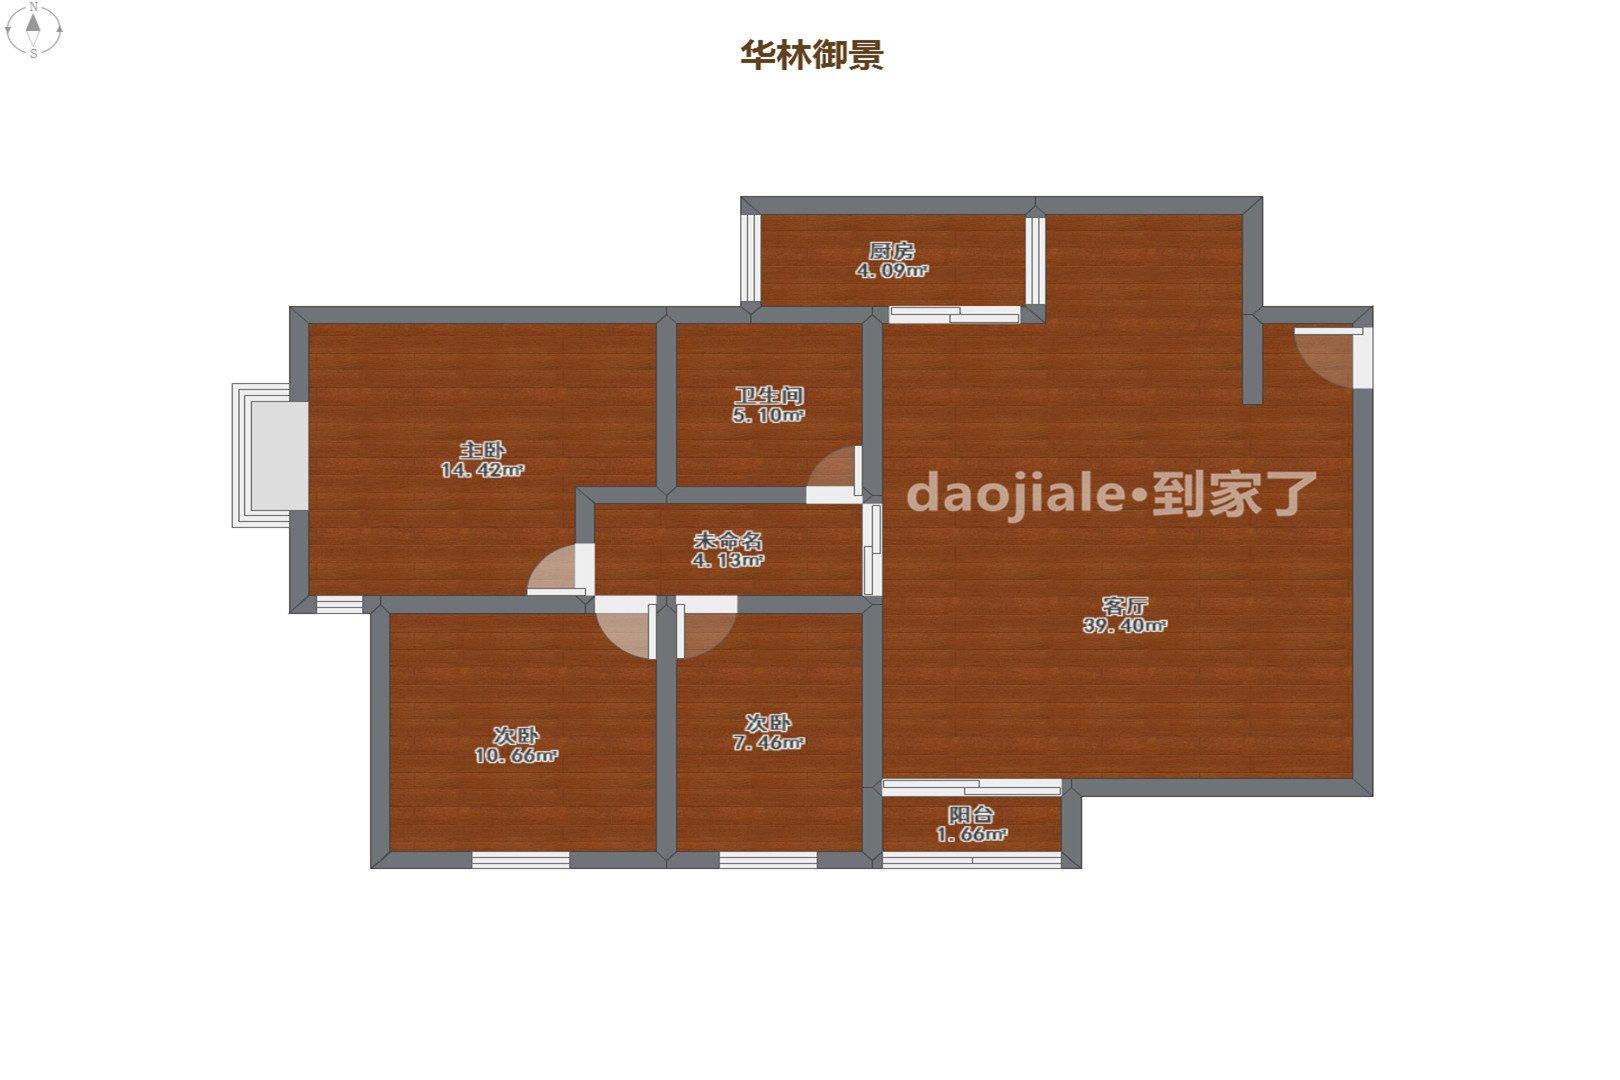 鼓楼区 华林御景3房378万二手房户型图